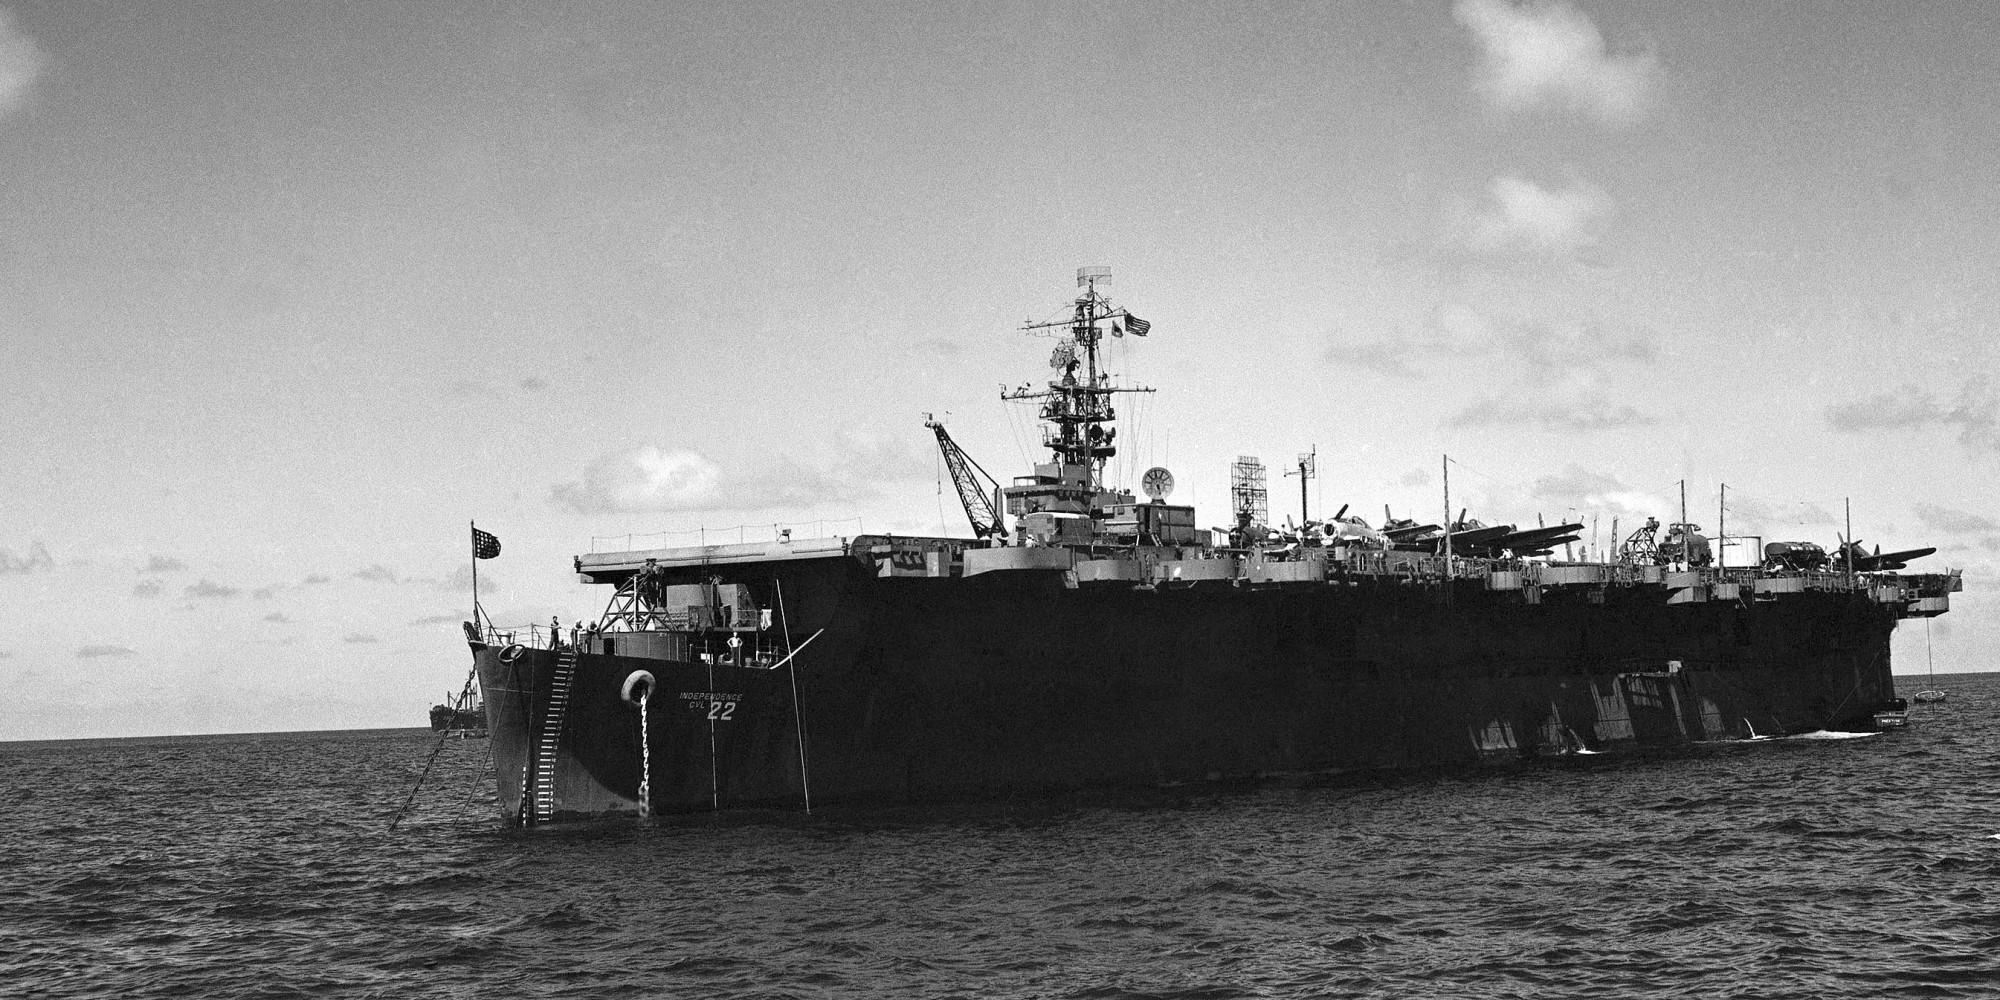 British Ships sunk and damaged - Falklands War 1982